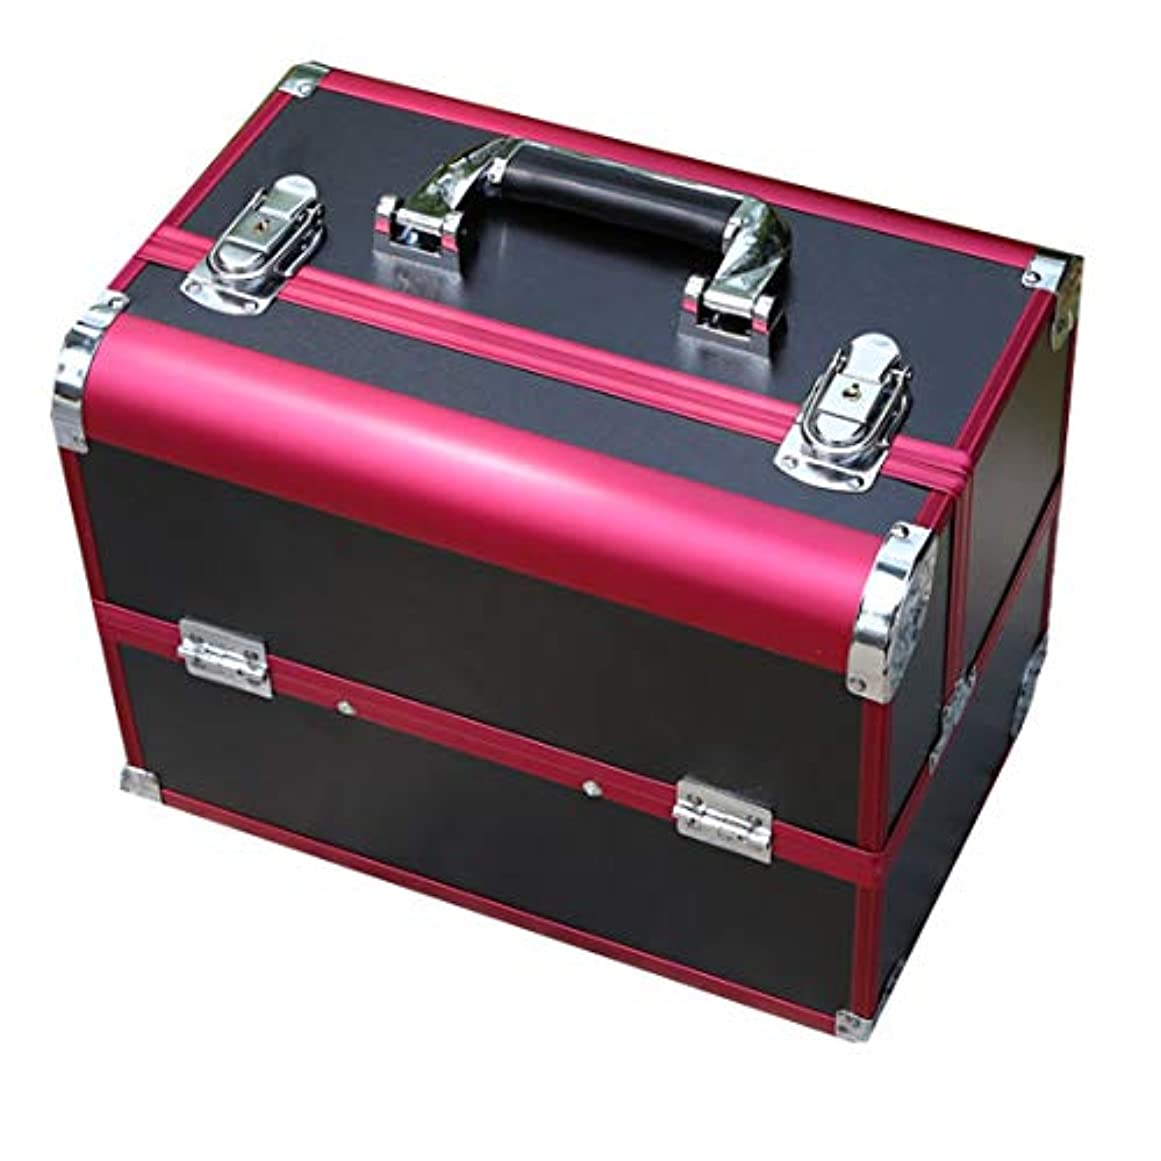 数値熱狂的な引き出しコスメボックス 大容量 プロ用 鍵 2段 四つのトレイ アルミ 化粧品収納ボックス 化粧入れ 32*21*26.5cm メイクボックス 卓上収納 旅行 メイク収納 収納力抜群 小物収納 アクセサリー ブラシスタンド ツールボックス コスメ収納ボックス 持ち運び便利 収納ケース おしゃれ 収納バッグ 母への誕生日プレゼント